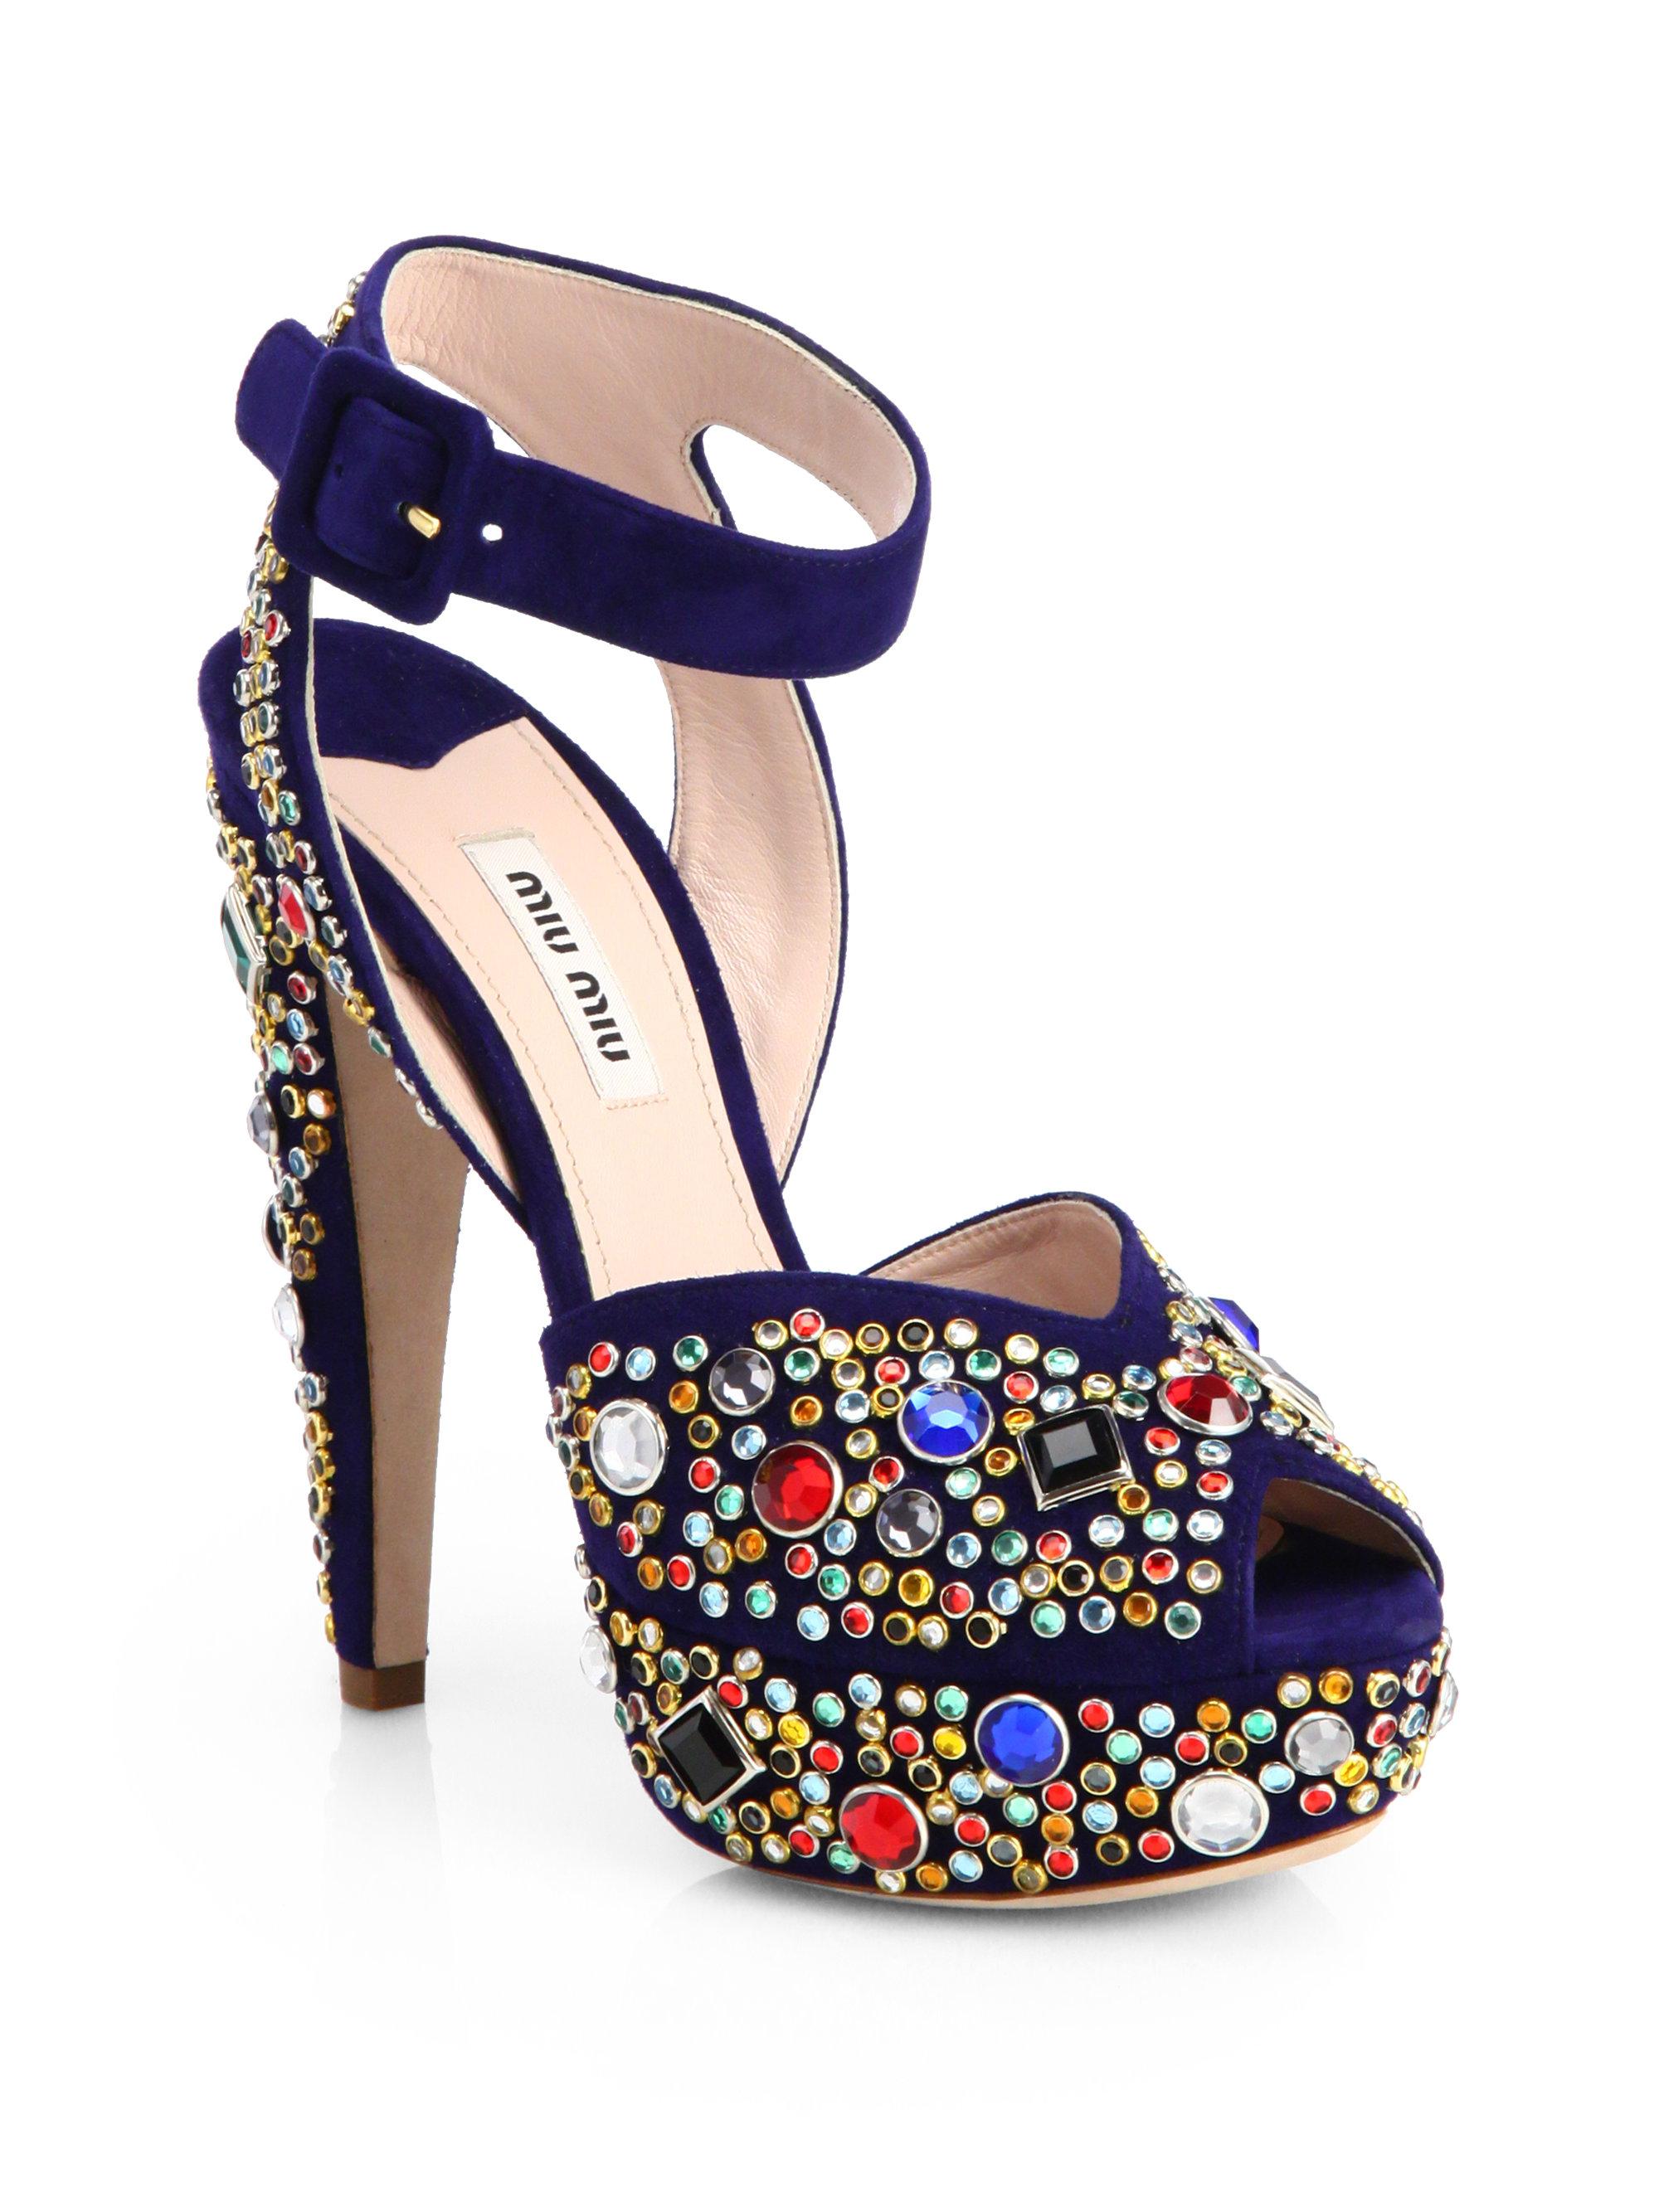 3aea2be6f Miu Miu Donna Jeweled Suede Platform Sandals in Blue - Lyst